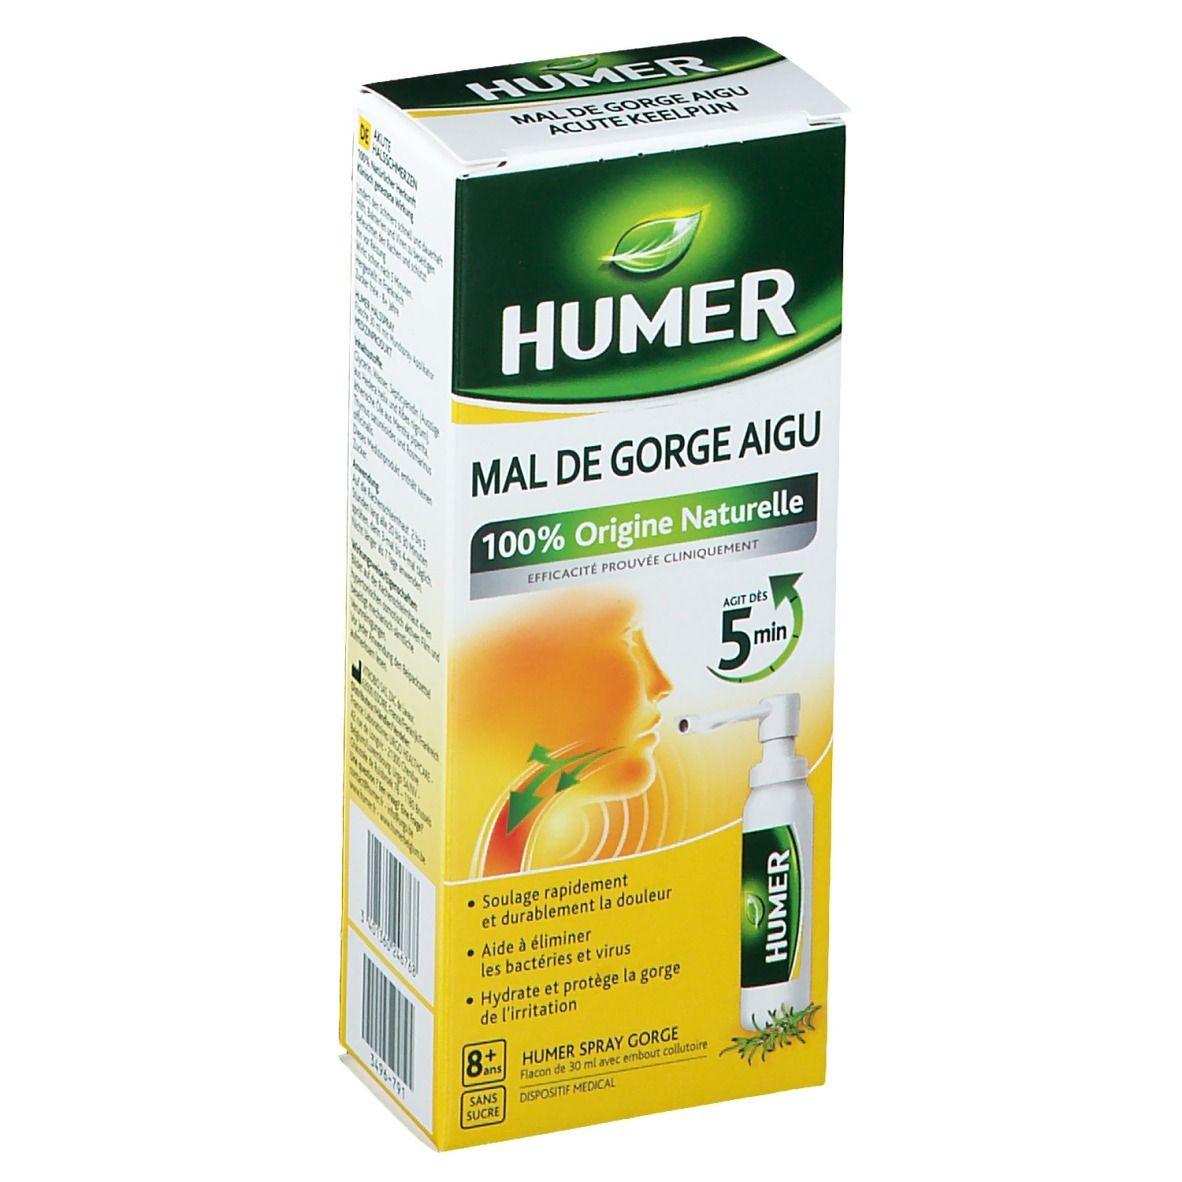 Humer Spray Gorge ml spray